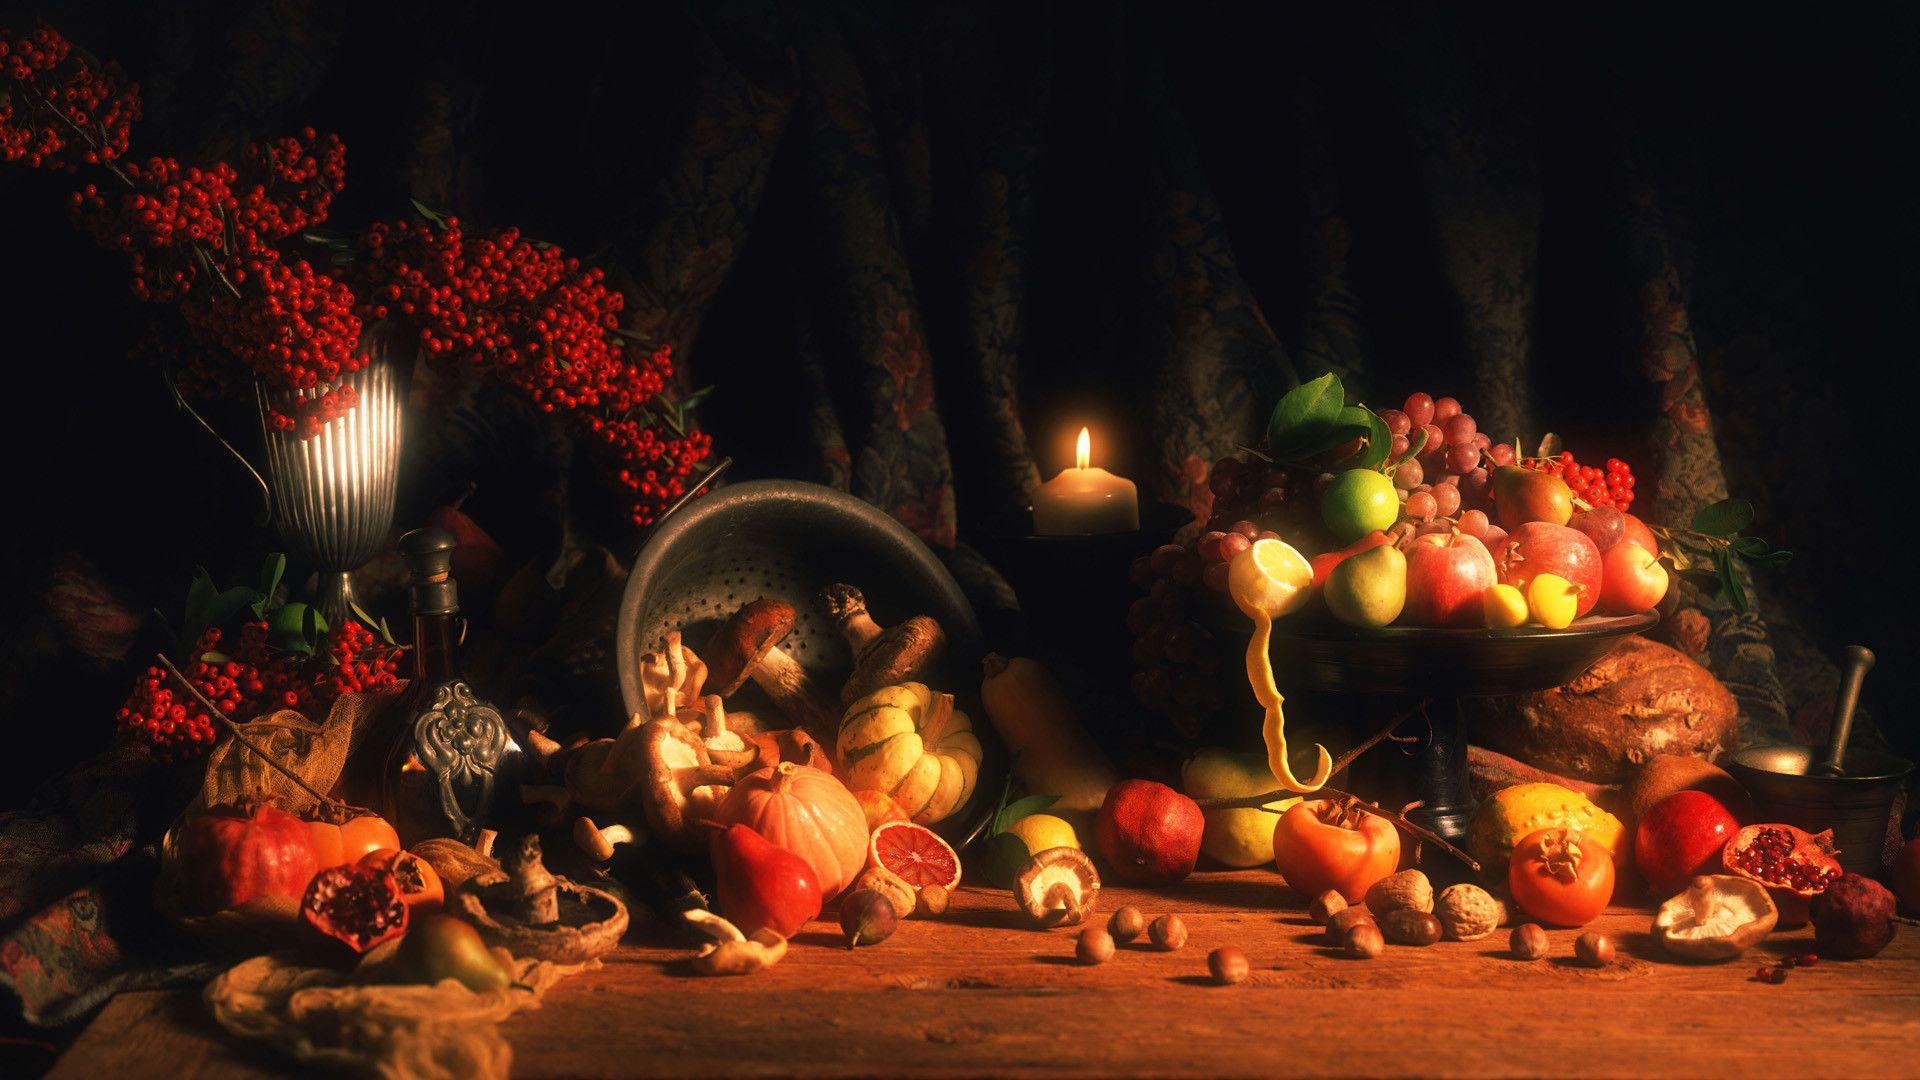 Pumpkins Wallpapers For Desktop 005